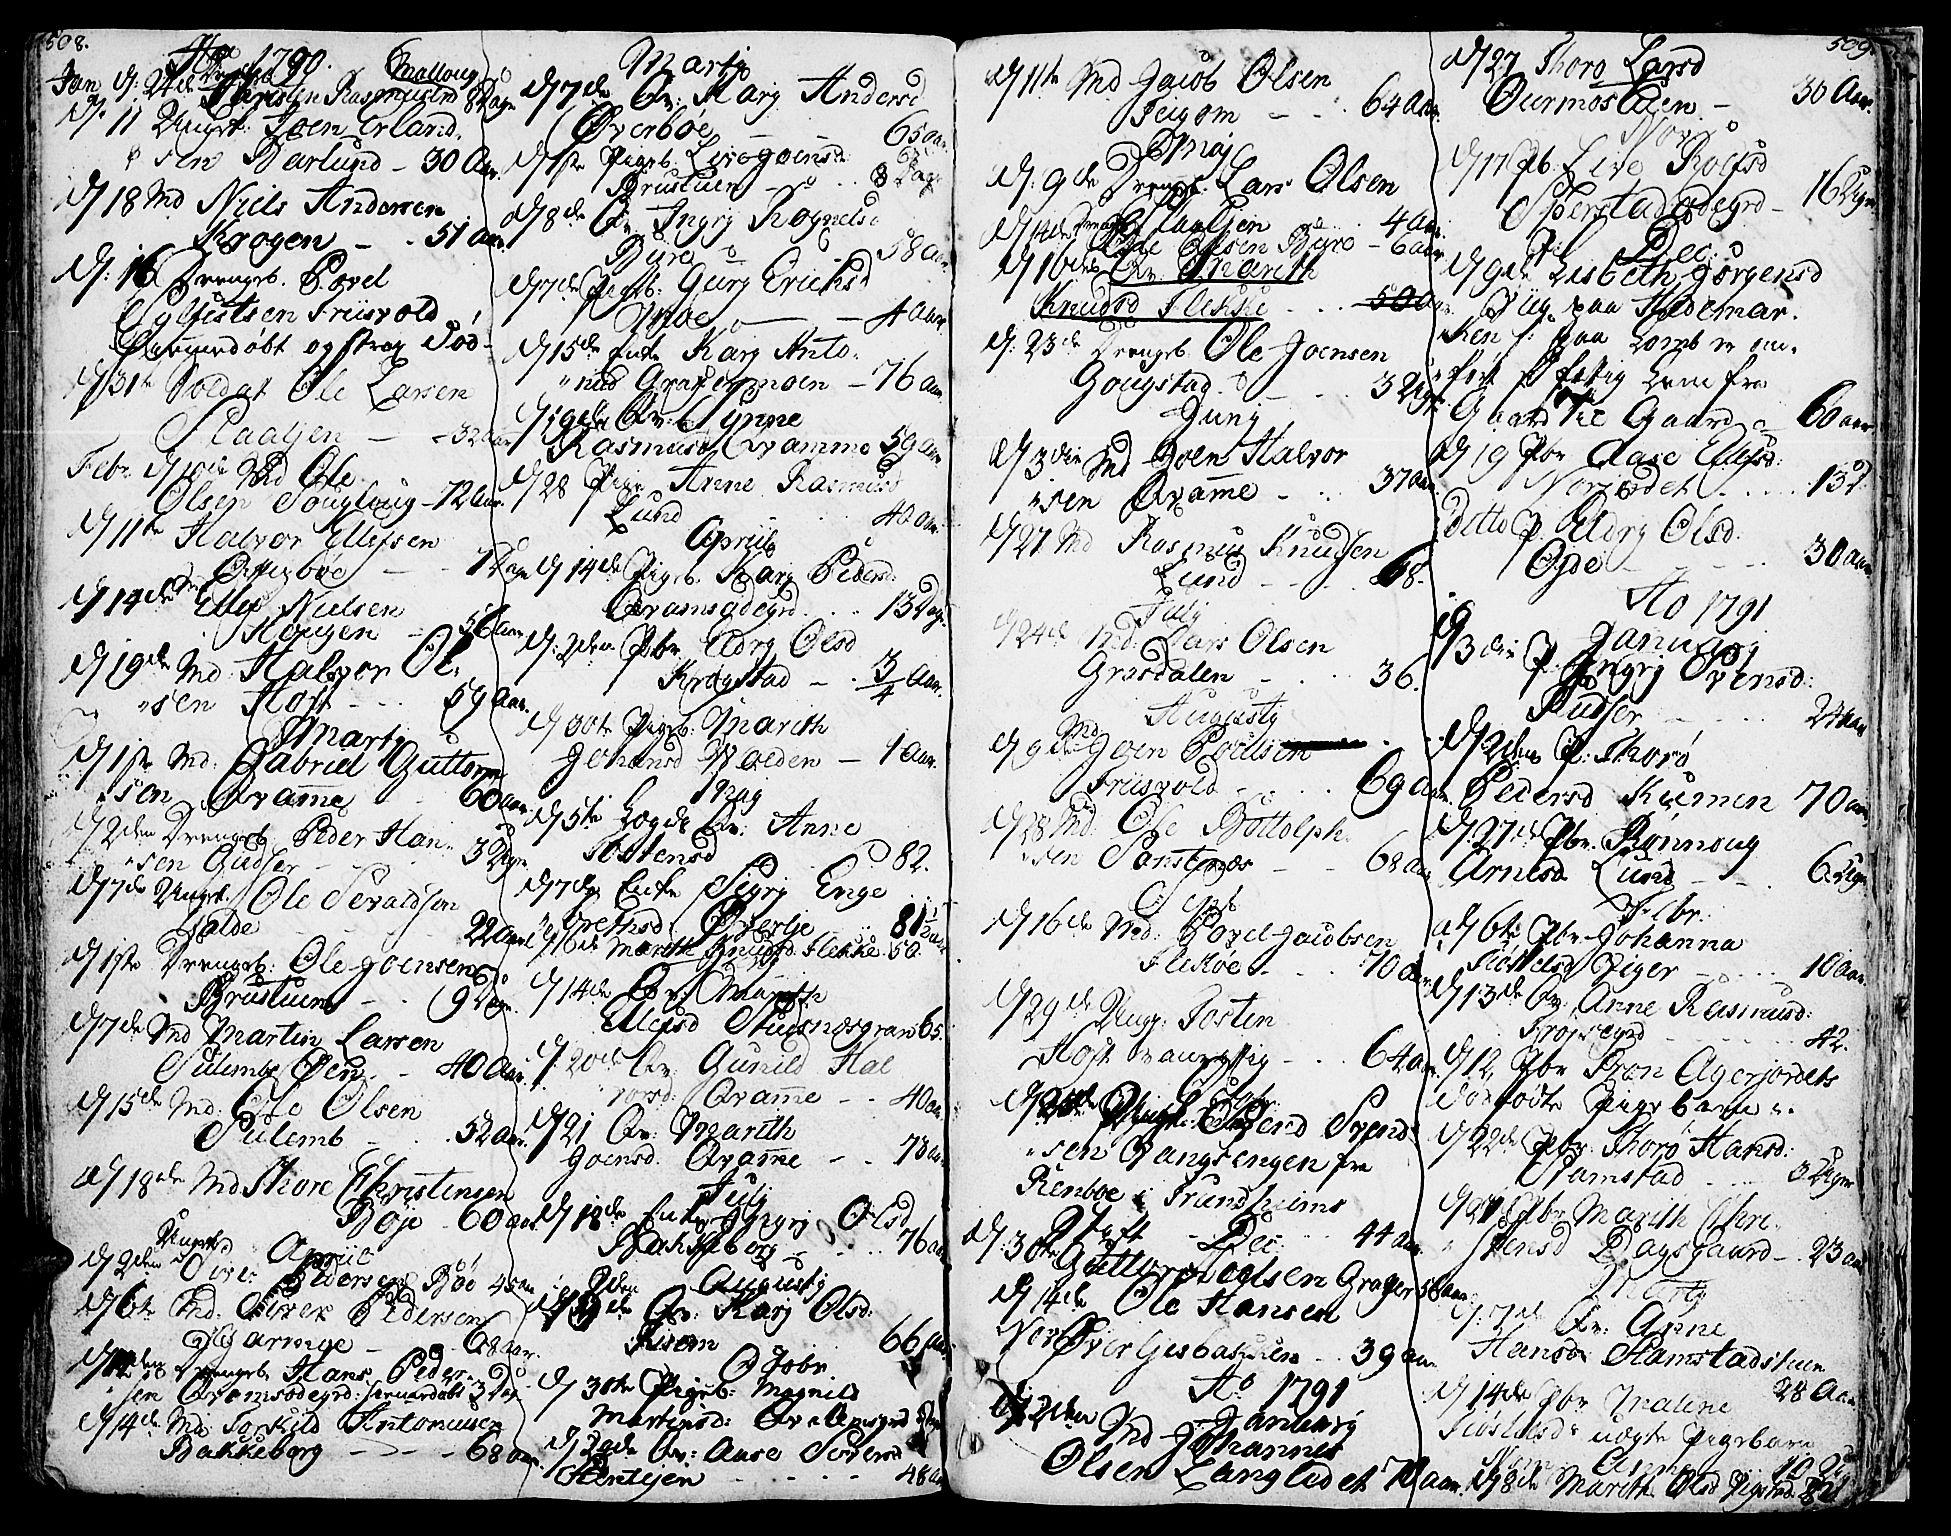 SAH, Lom prestekontor, K/L0002: Ministerialbok nr. 2, 1749-1801, s. 508-509